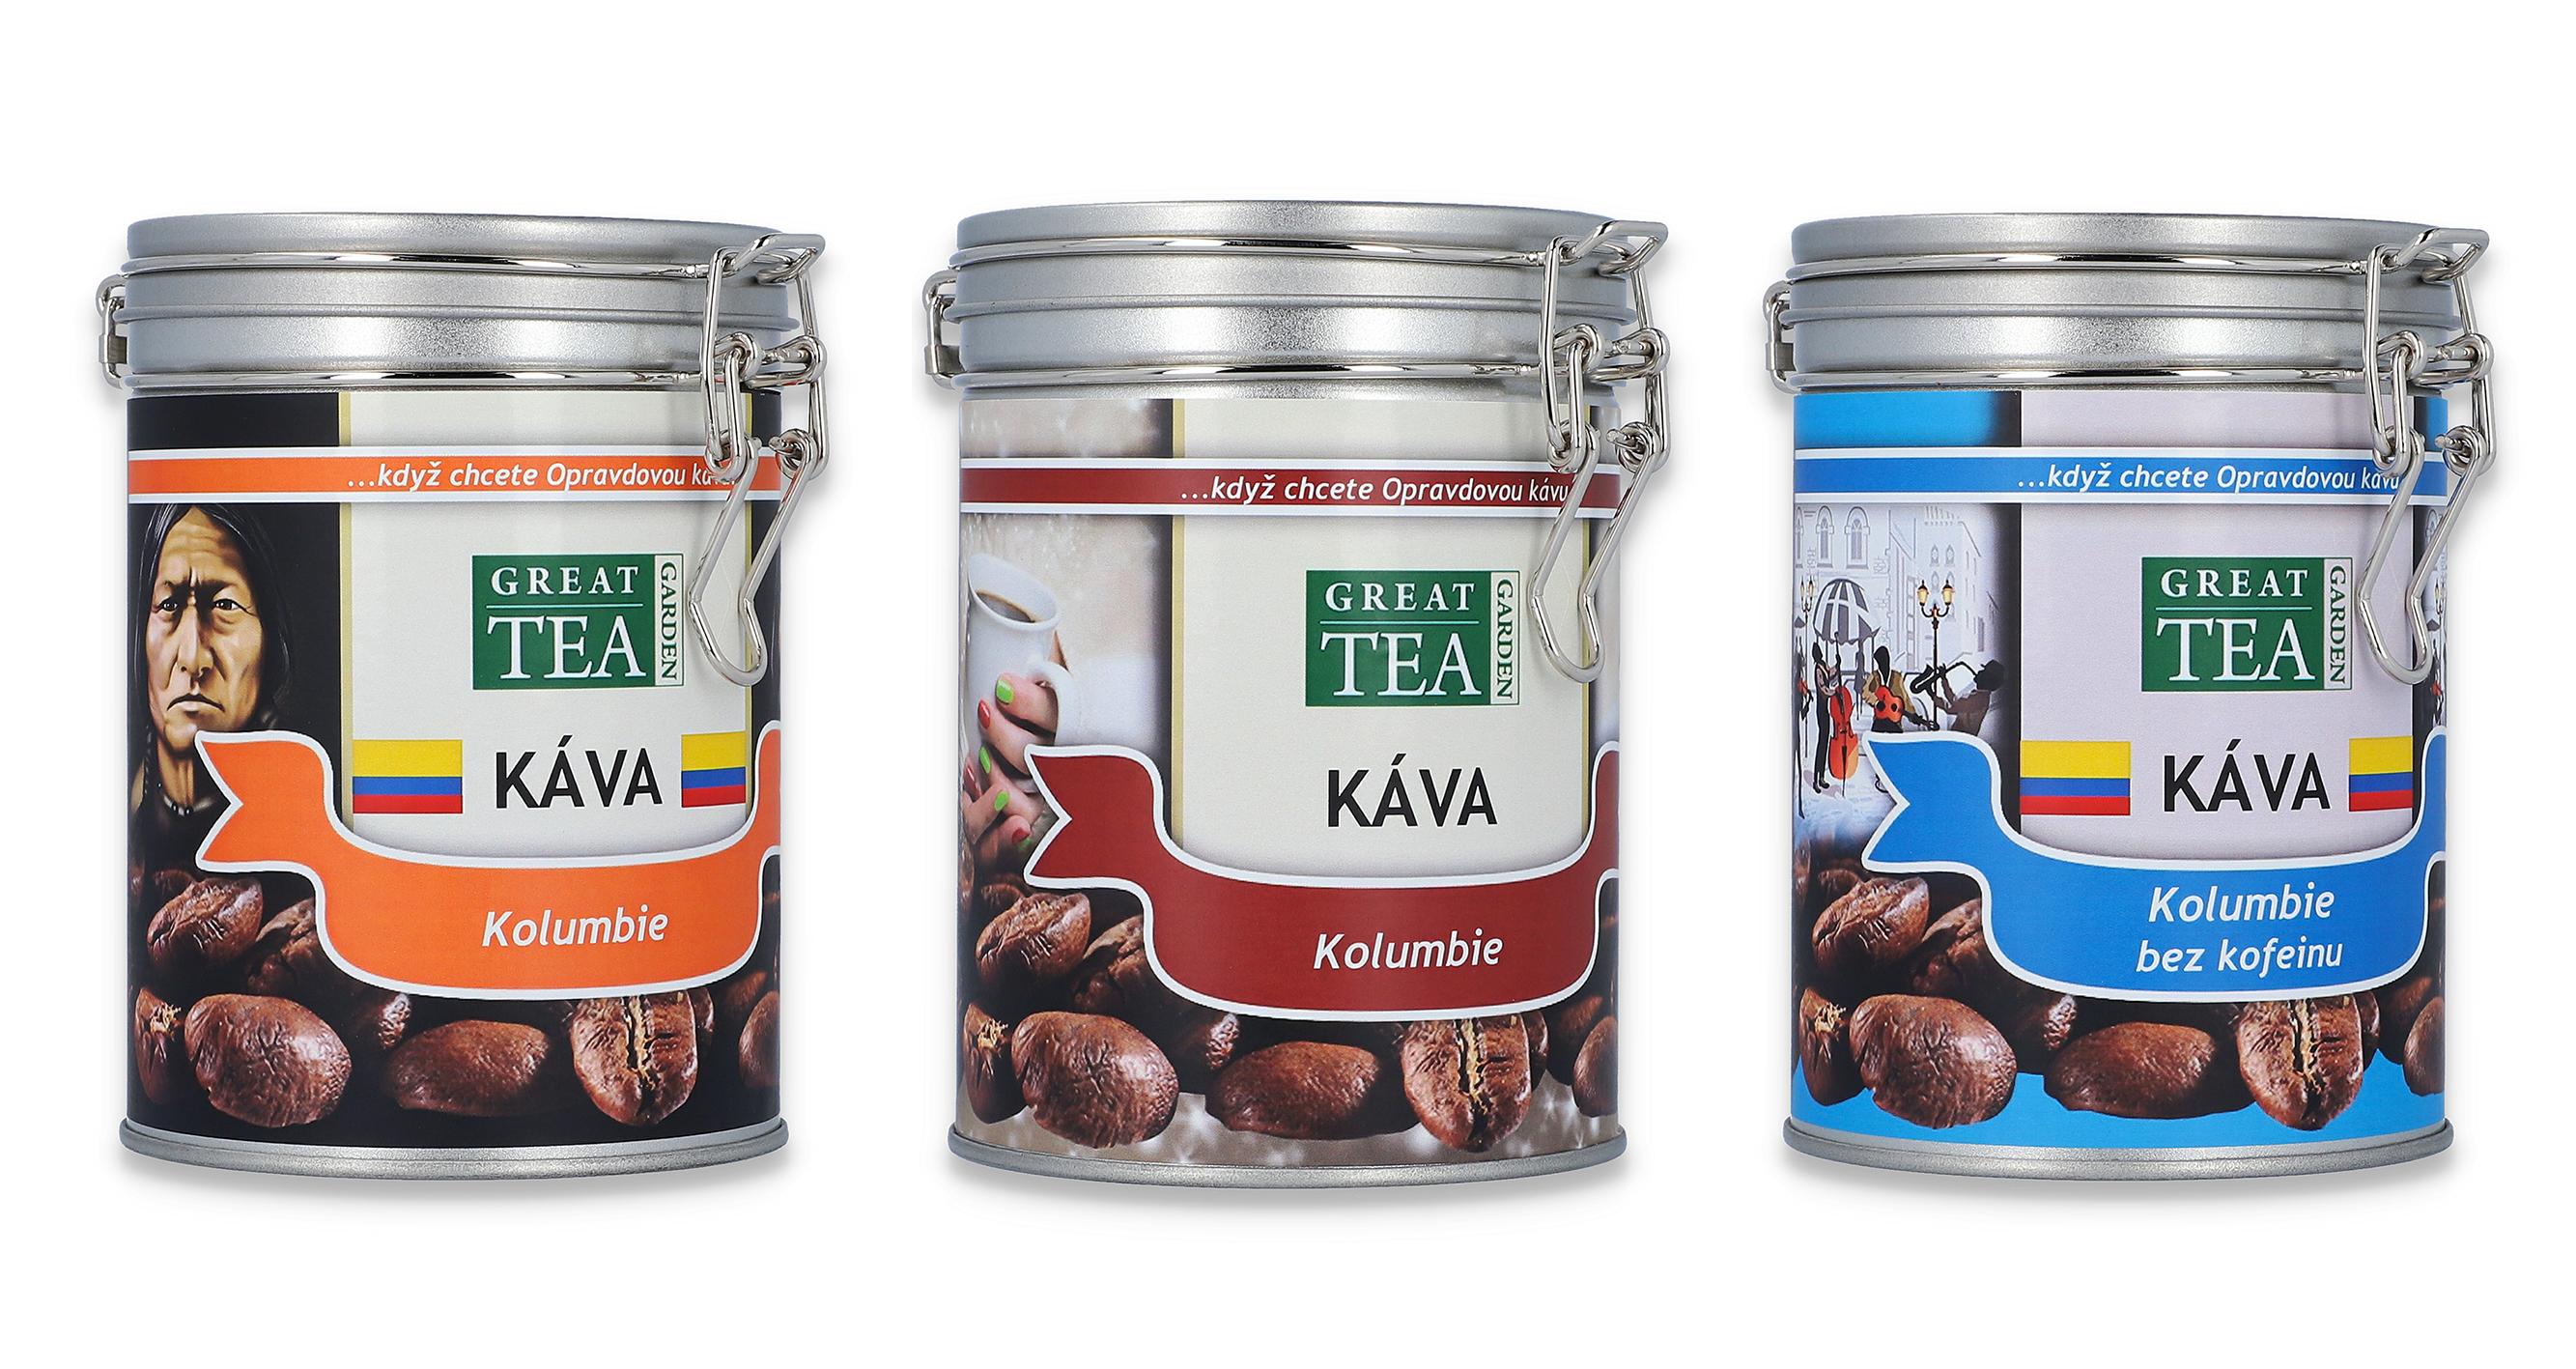 Kolumbie - Skvělá vyvážená káva z vulkanického podloží